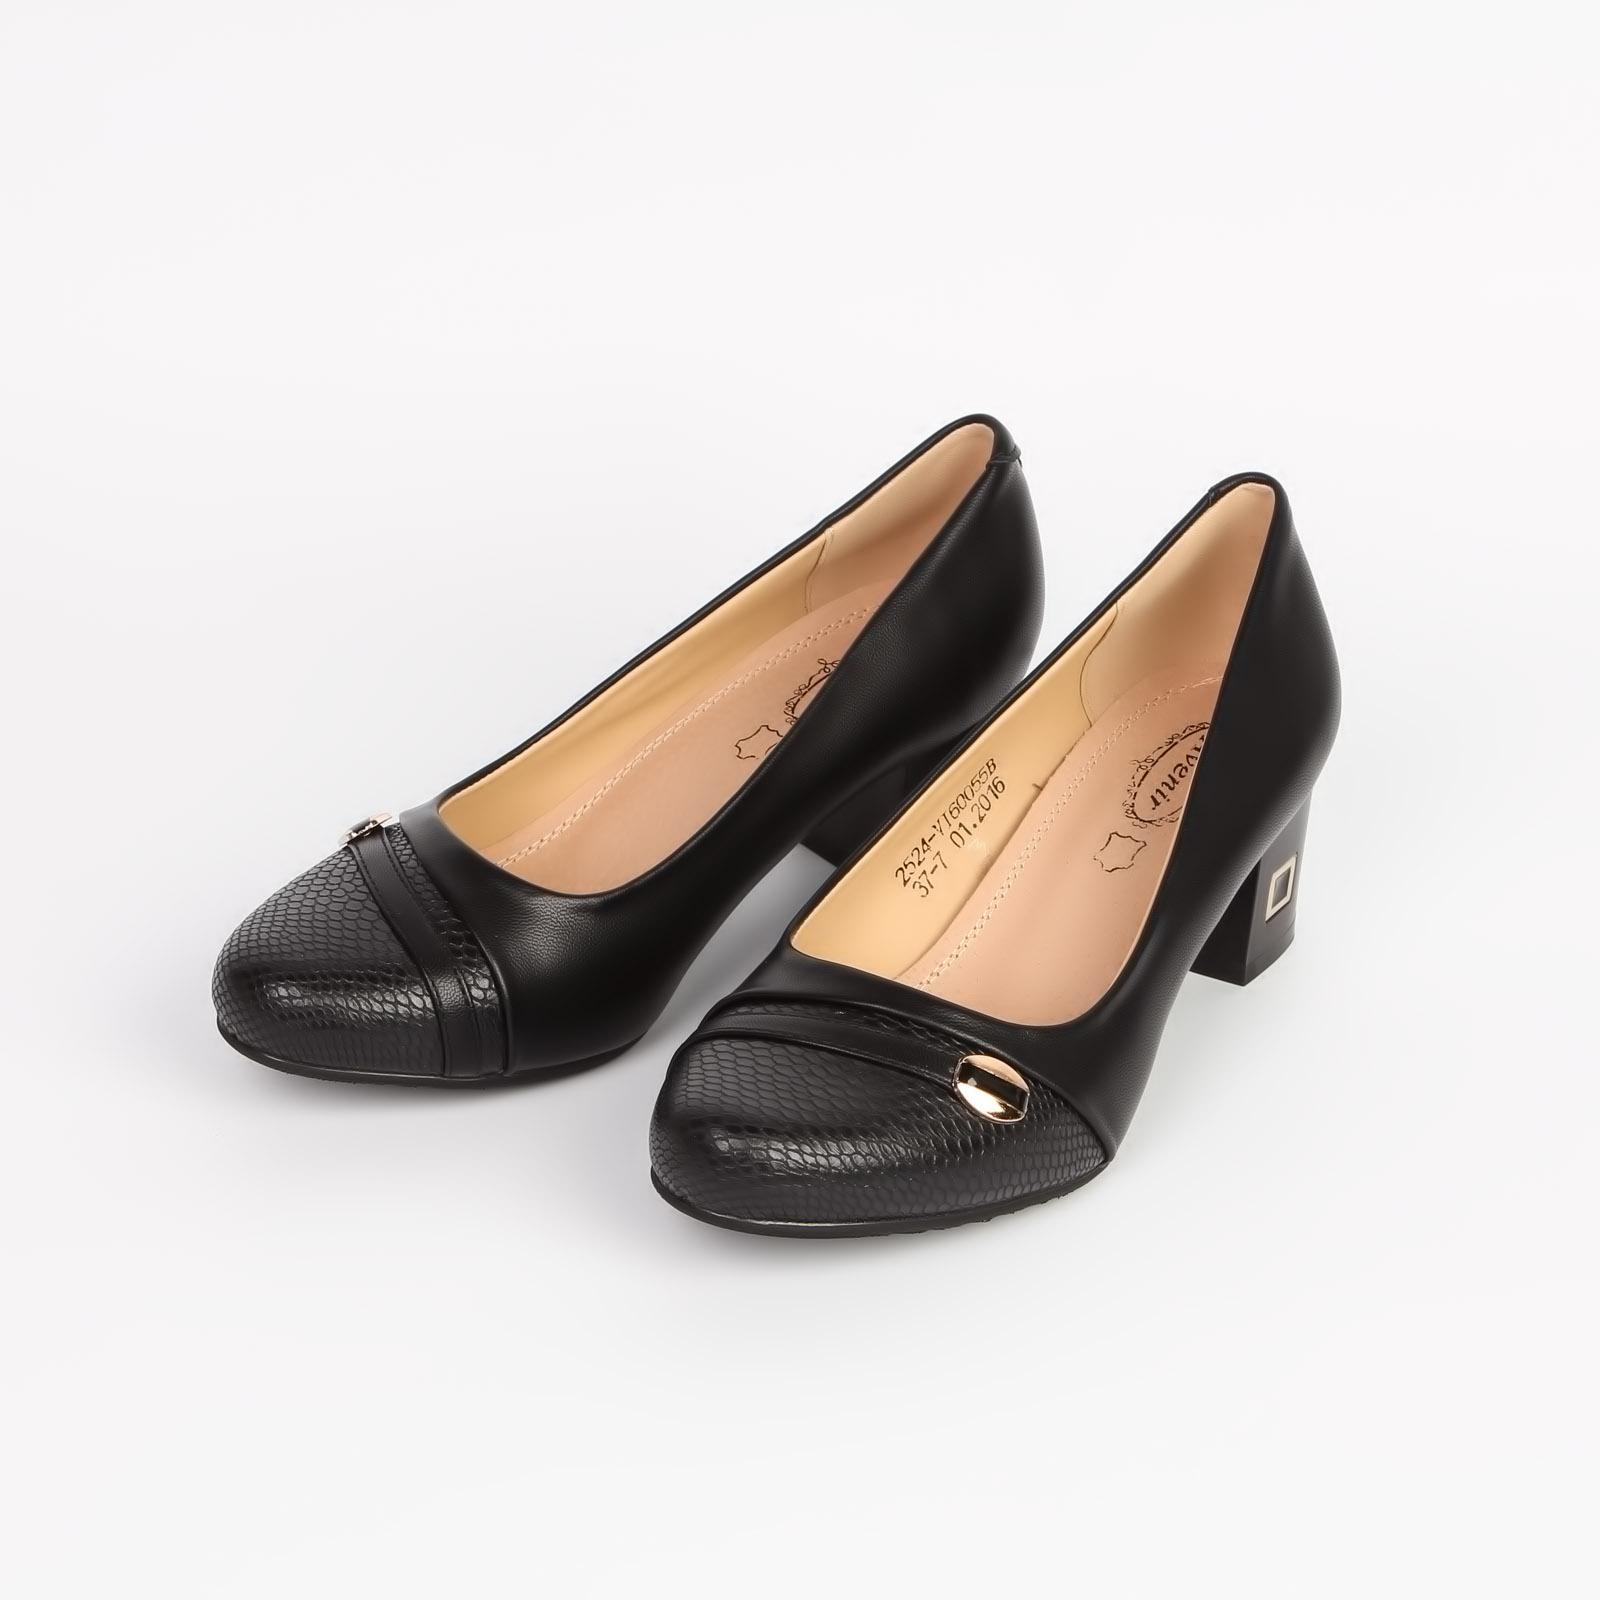 Туфли женские с декоративной деталью на каблуке